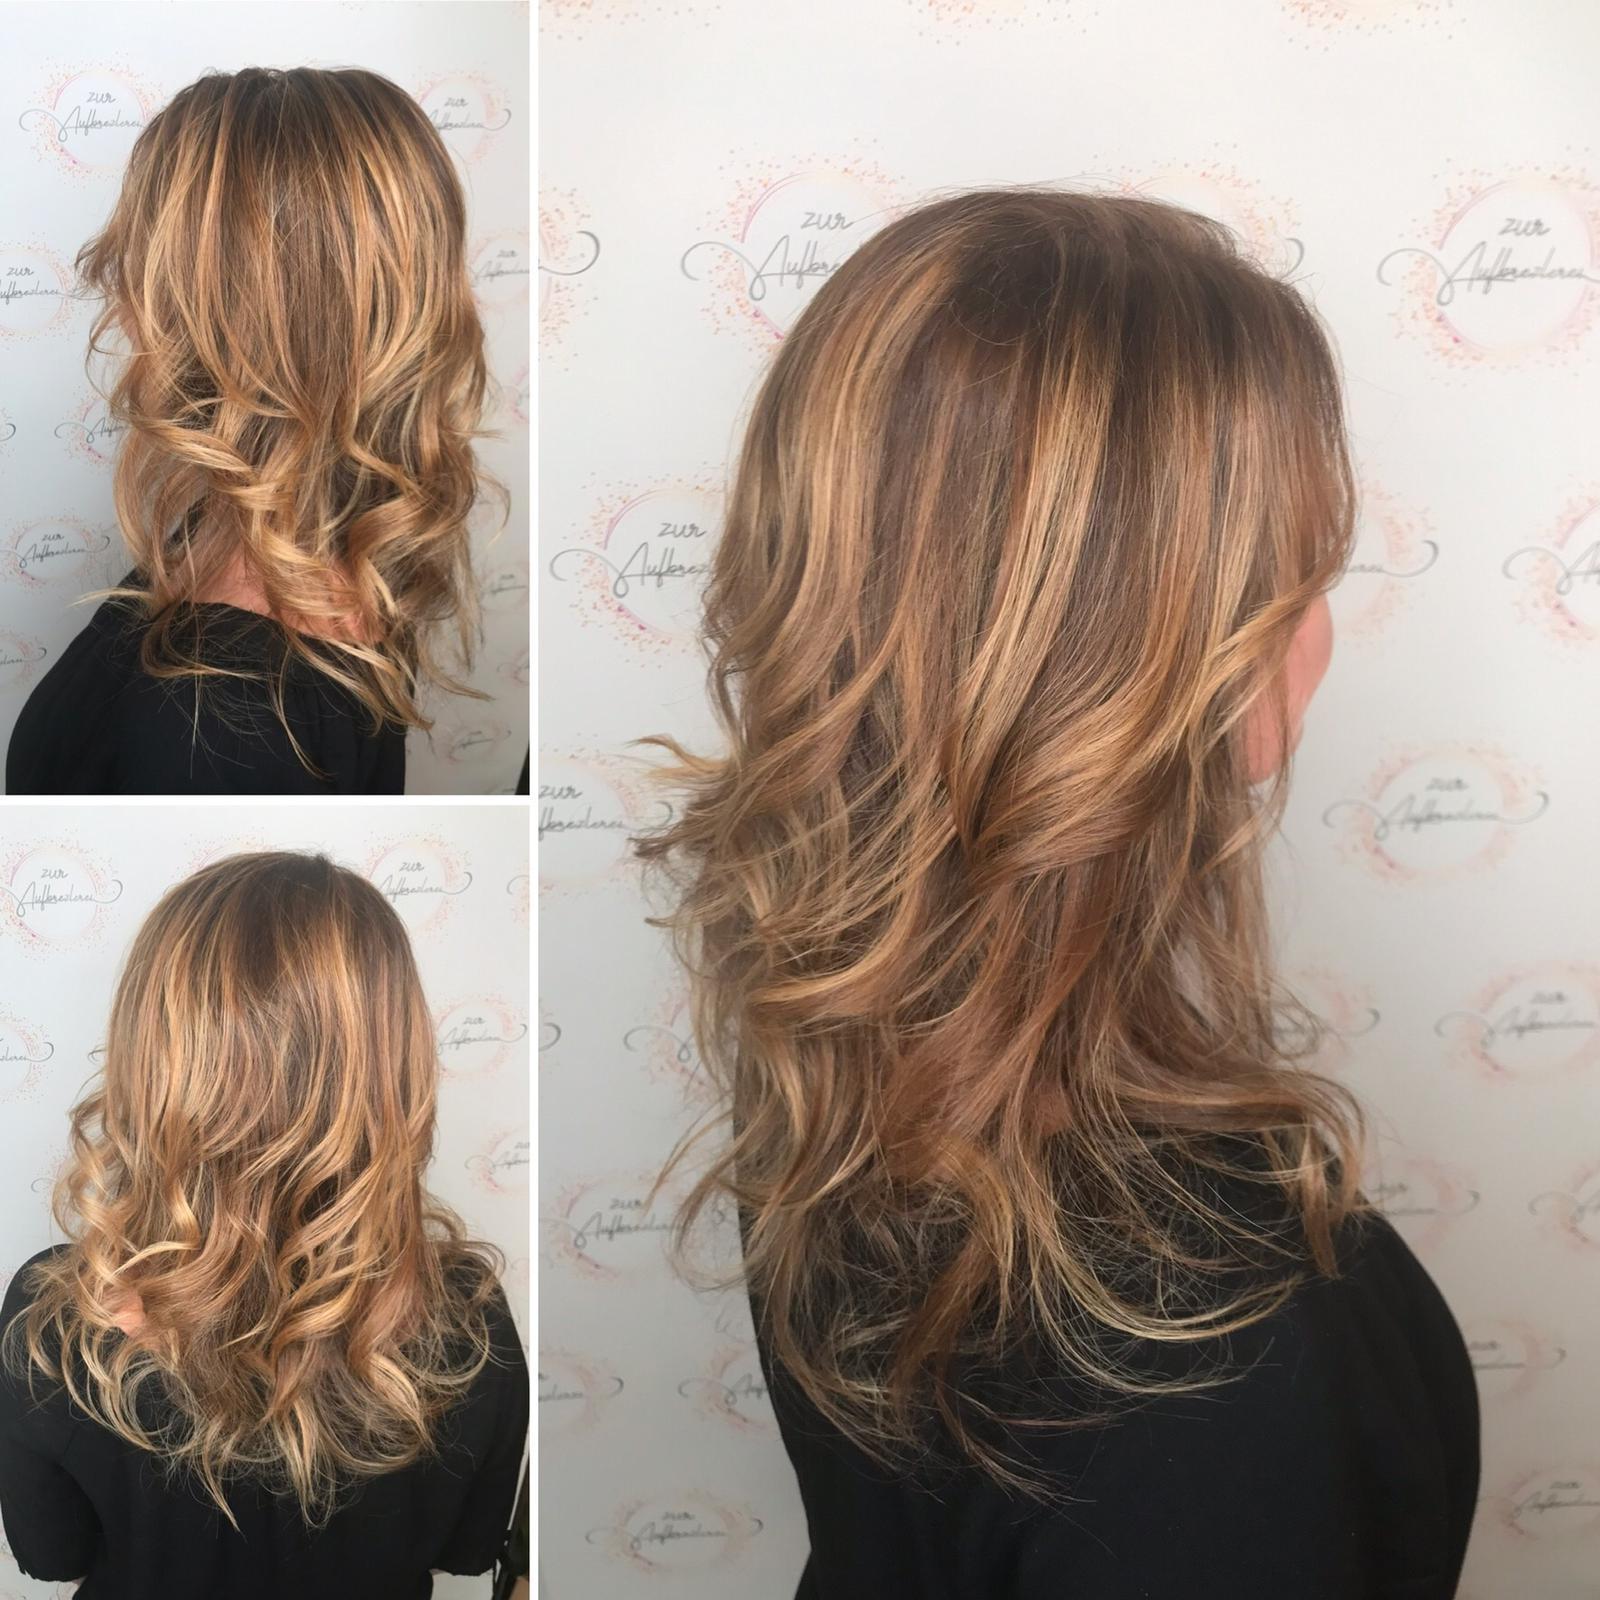 Auch bei langem Haar erhält man mehr Glanz und reduziert Spliss mit dem neuen Calligraphy Cut